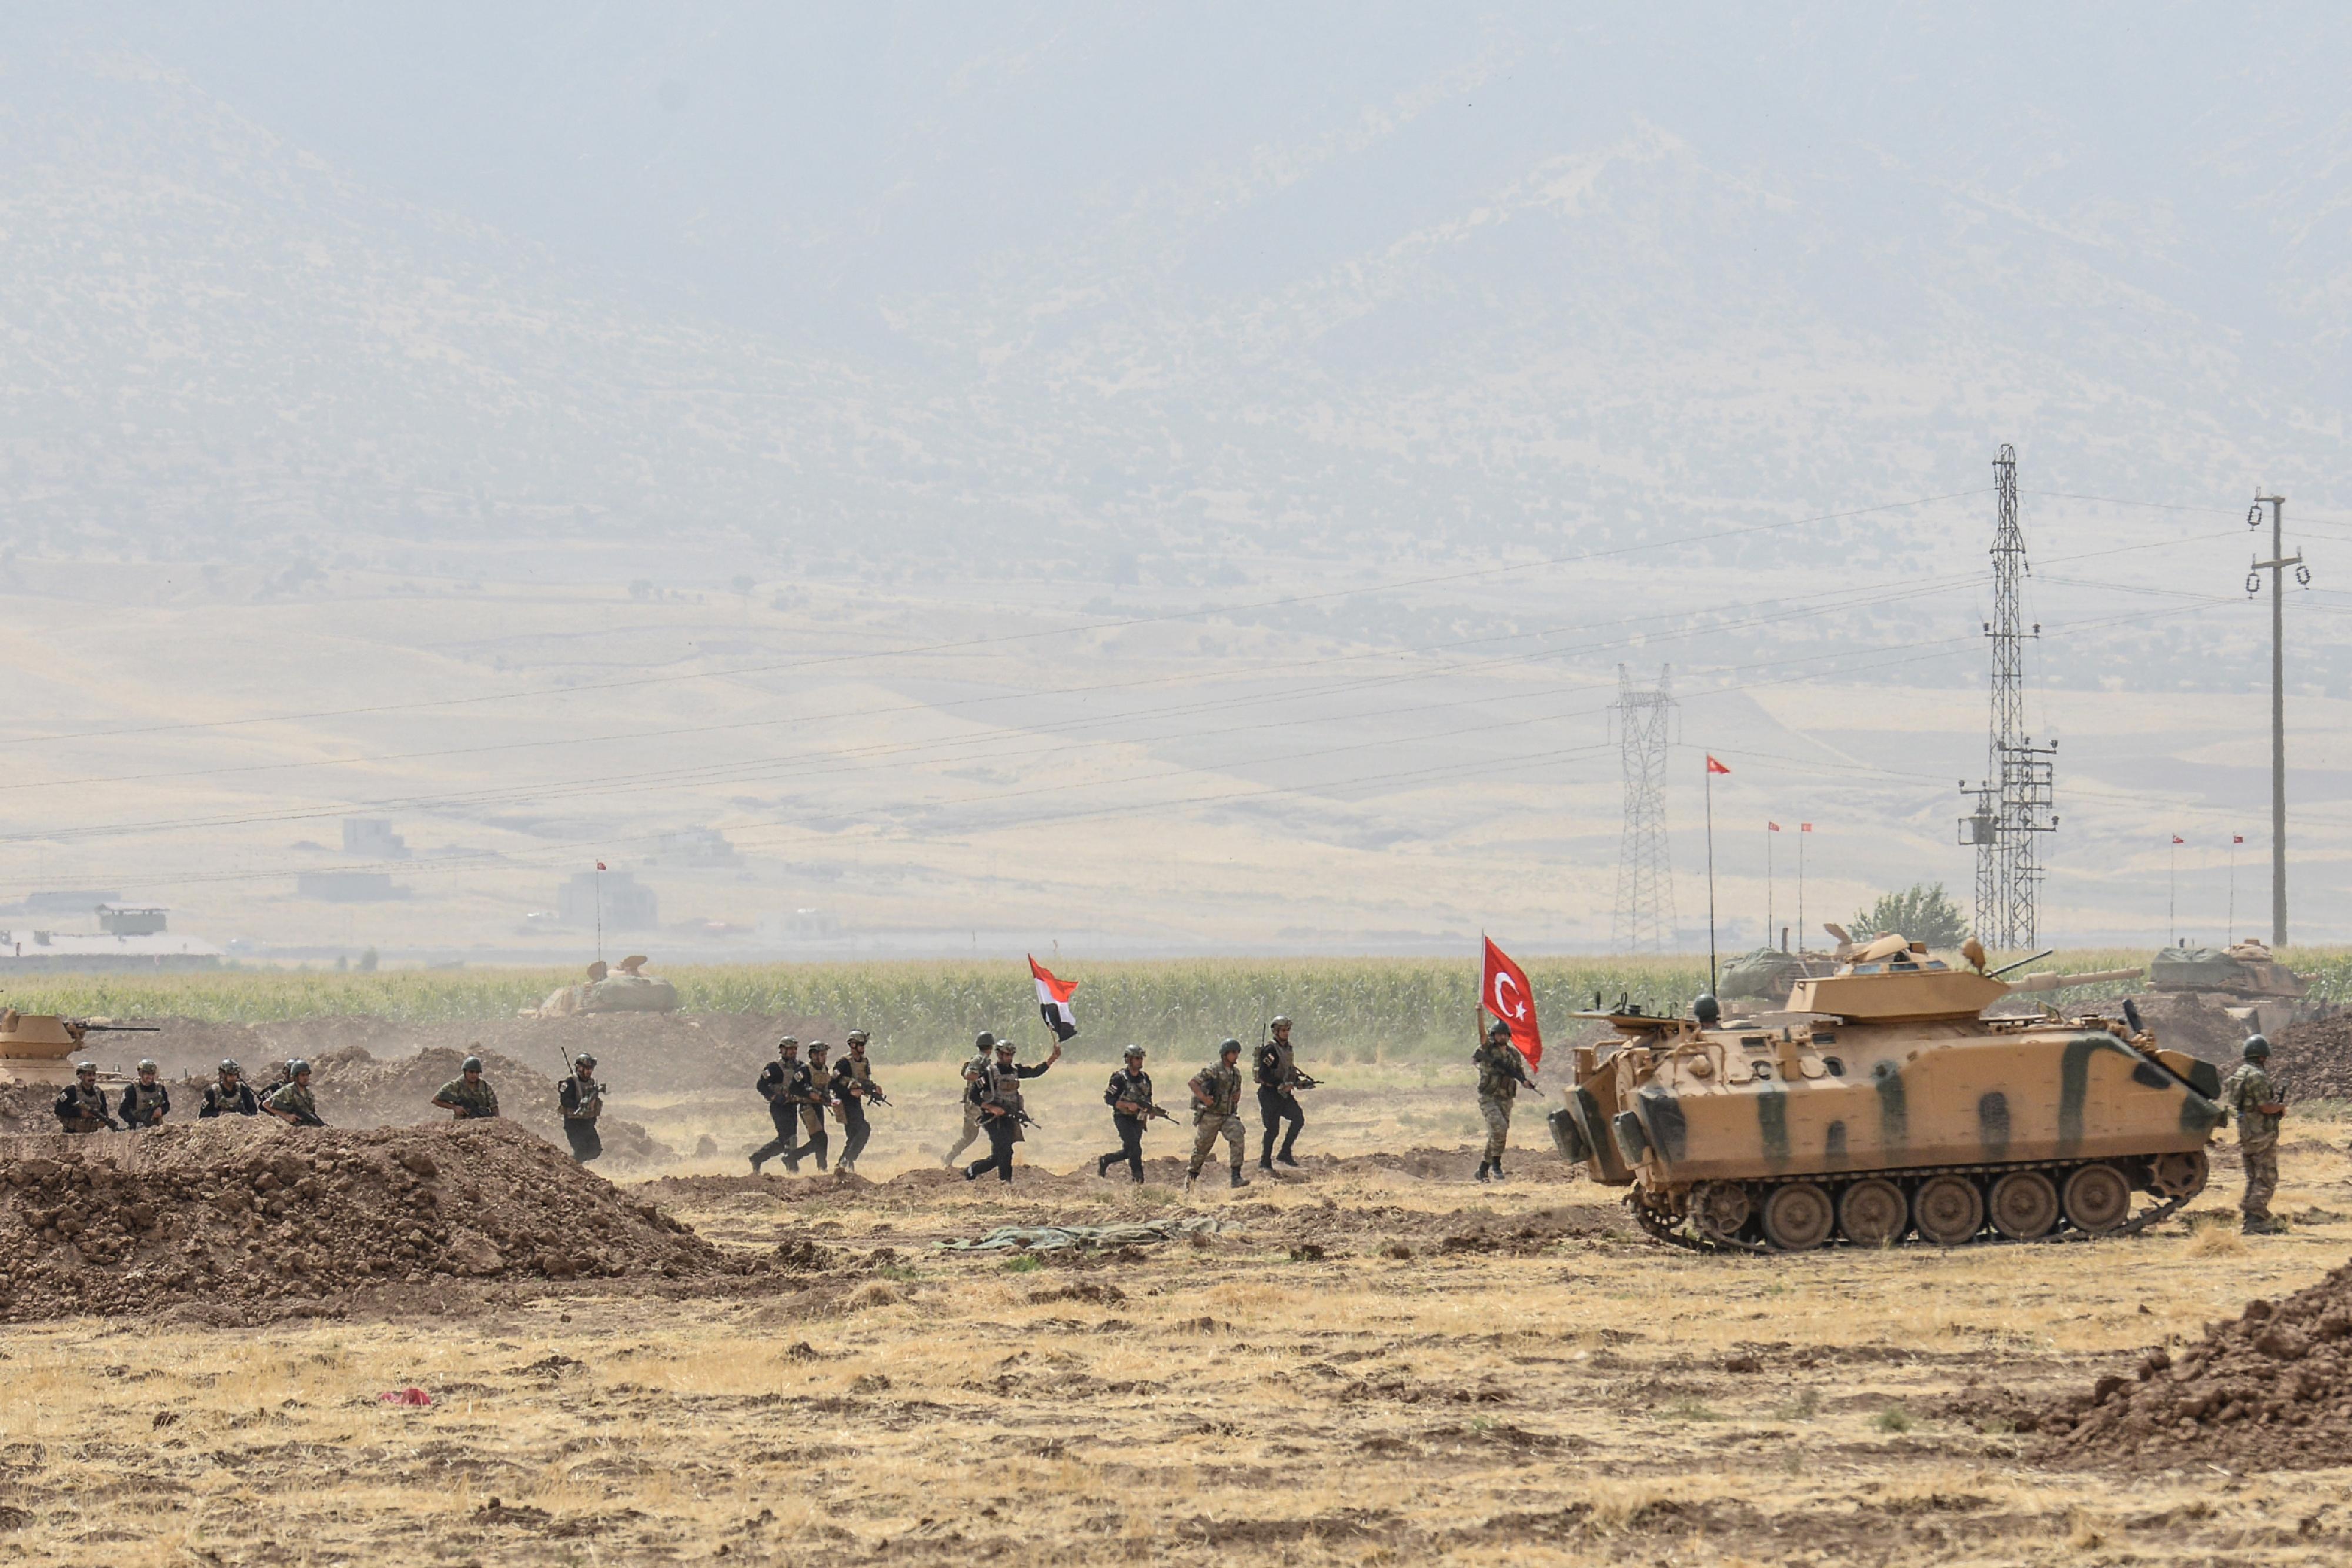 قوات عراقية وتركية خلال المناورات العسكرية المشتركة على الحدود الثلاثاء